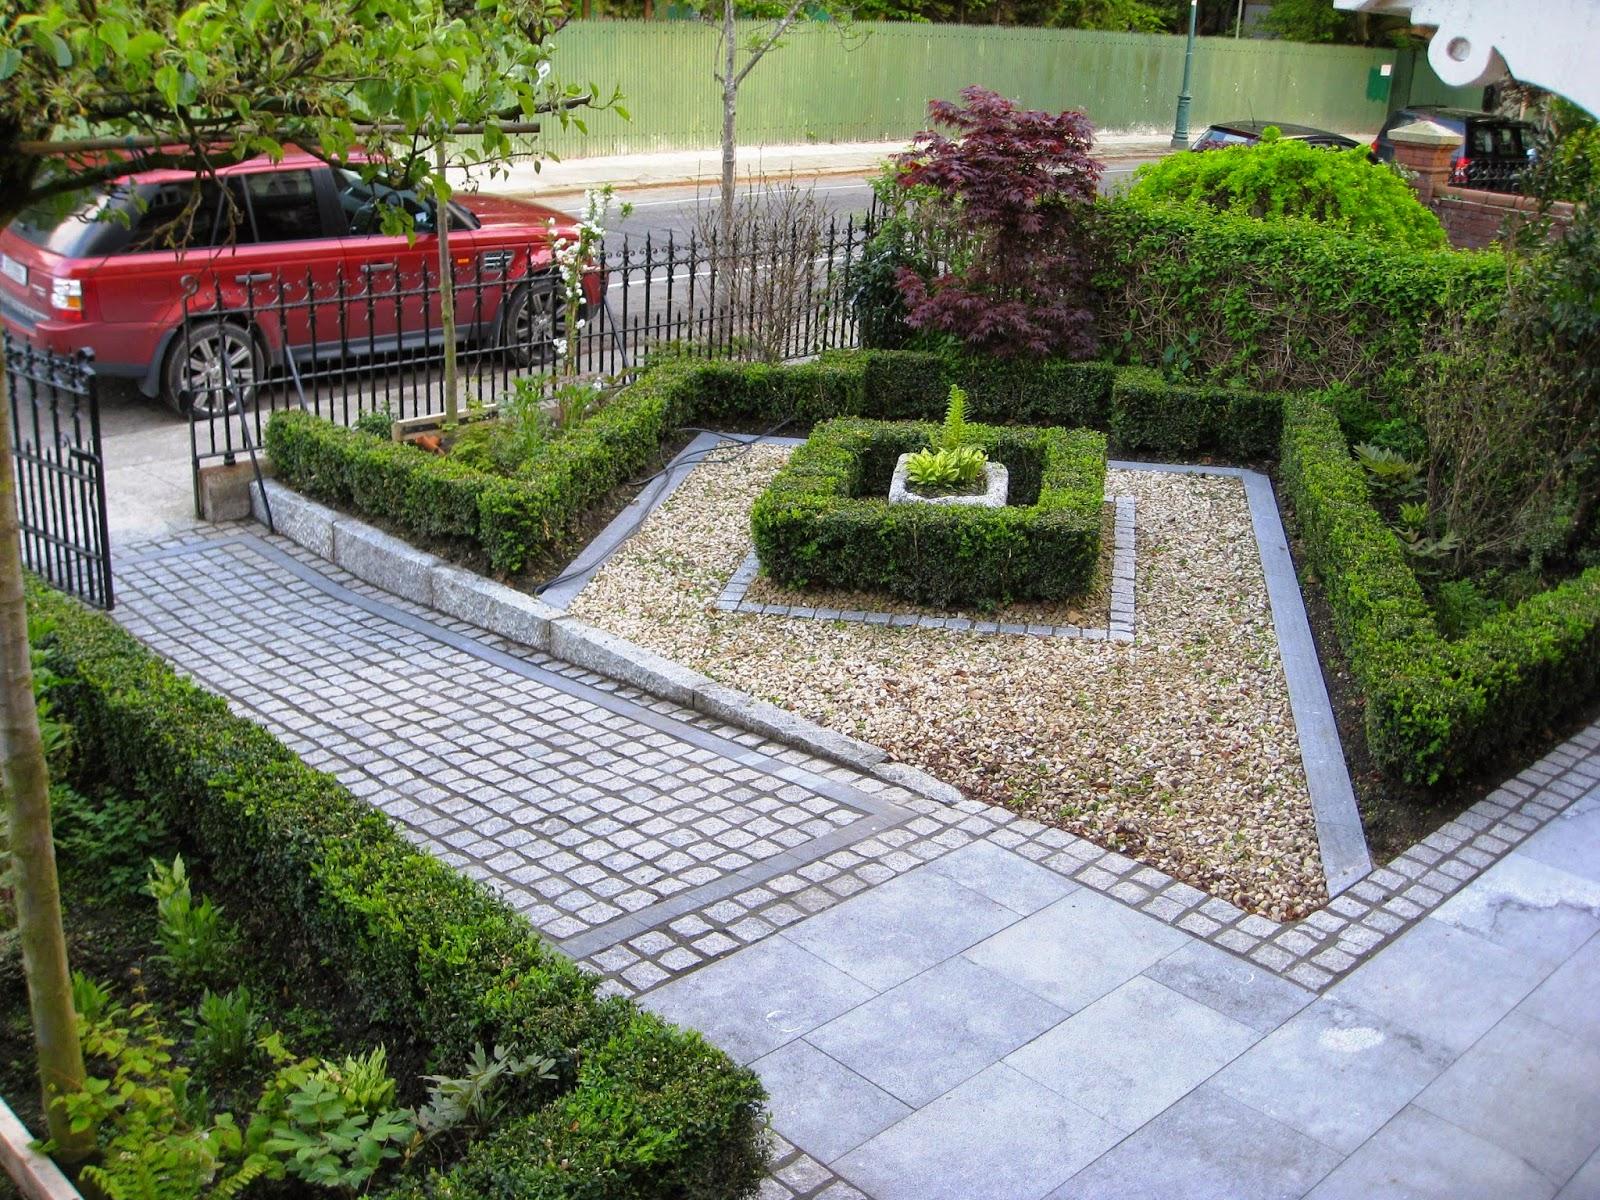 Contoh Karya Desain Eksterior Taman Depan Rumah Terbaru